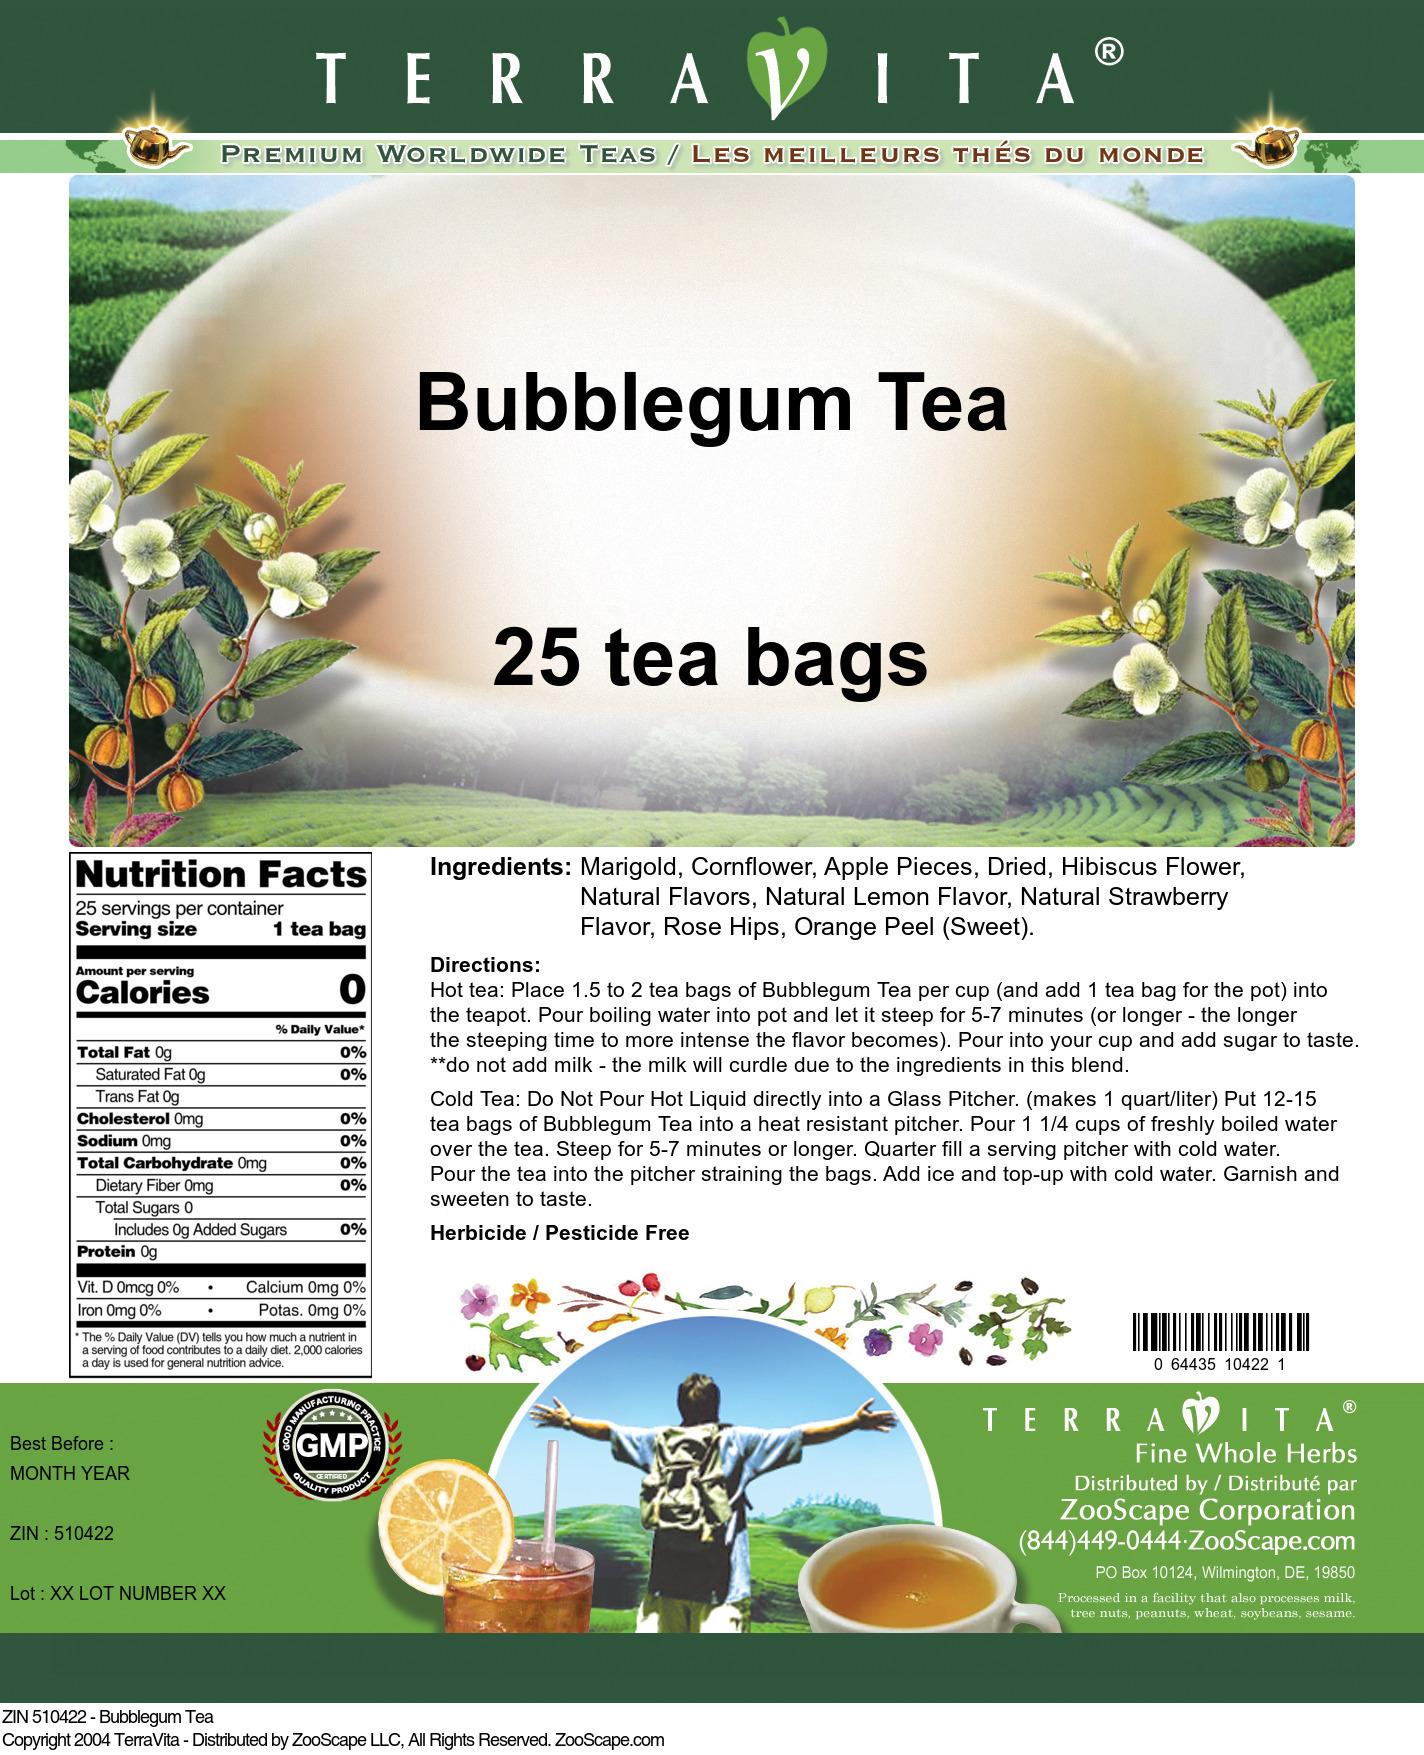 Bubblegum Tea